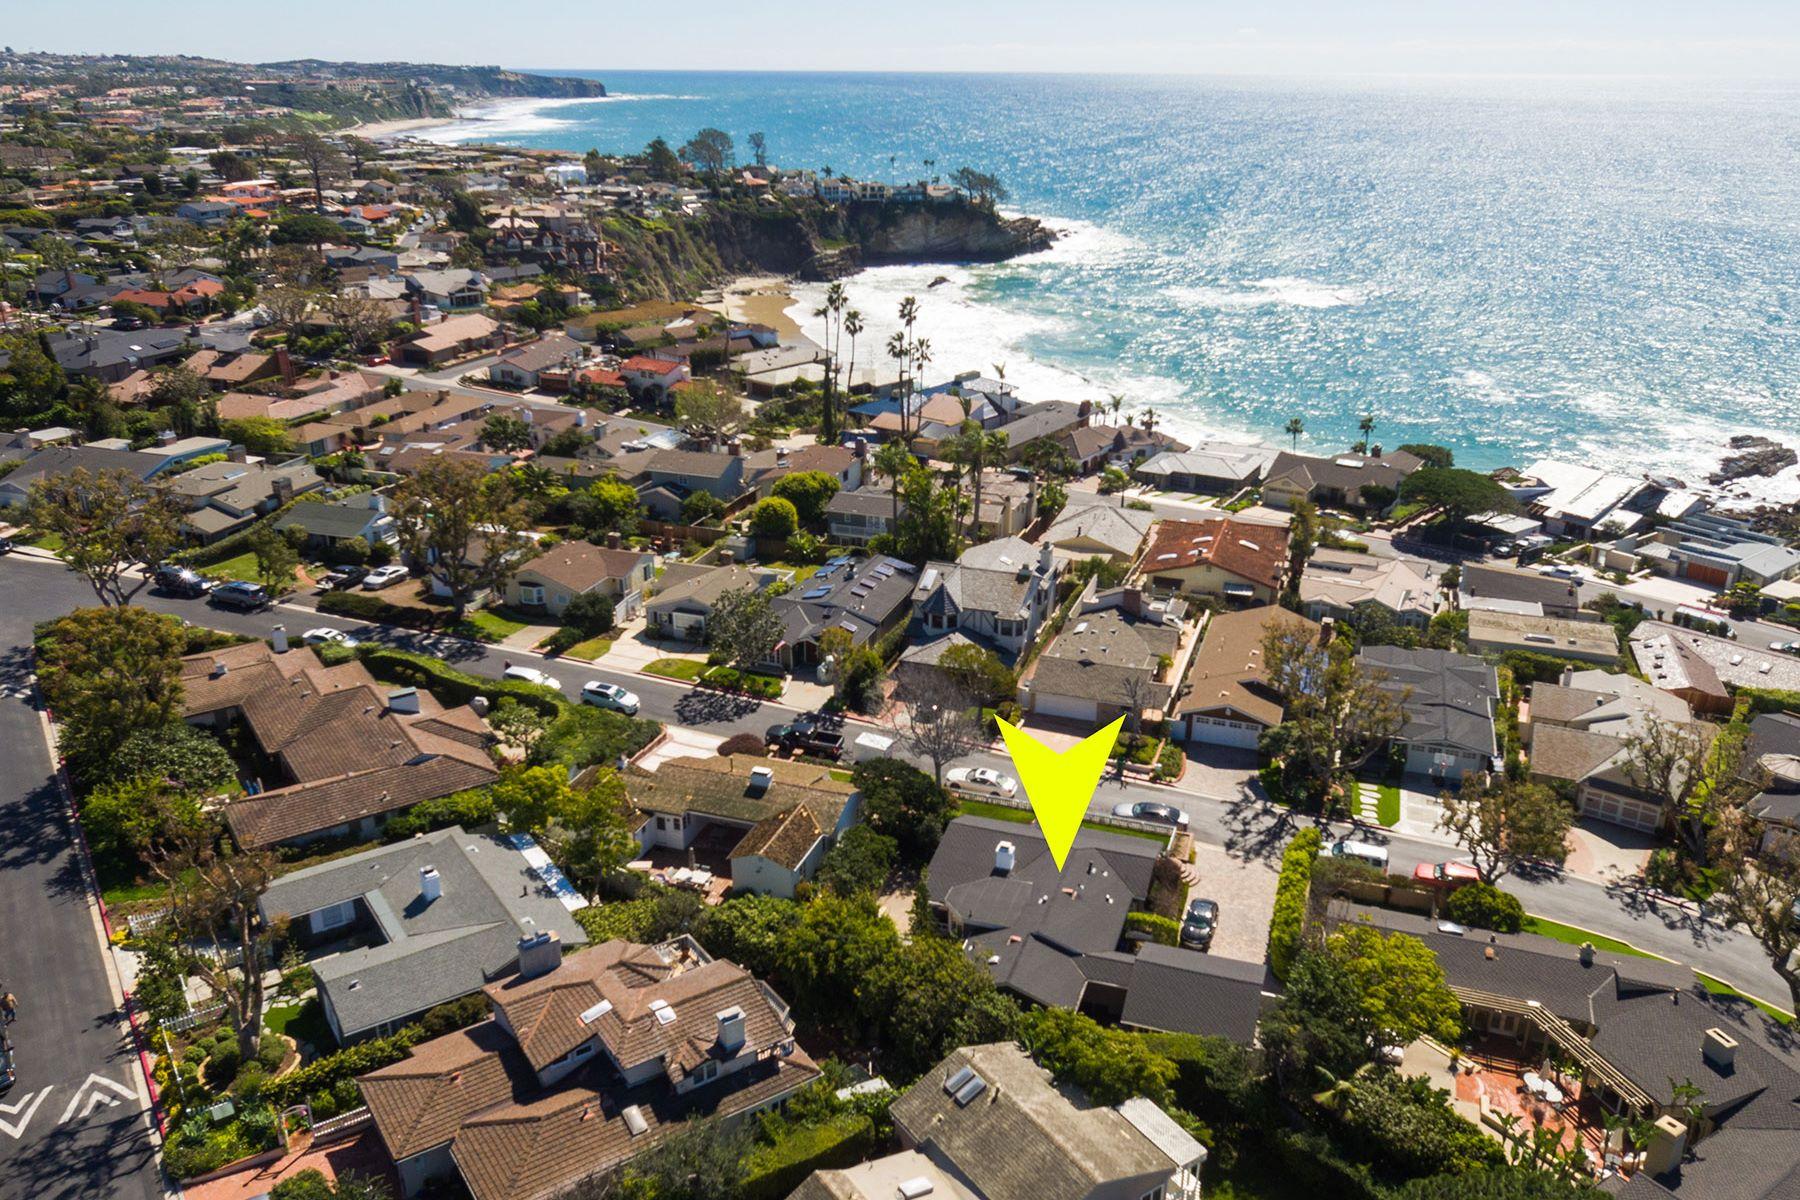 独户住宅 为 销售 在 3 S. Portola 3 S. La Senda 拉古纳, 加利福尼亚州, 92651 美国